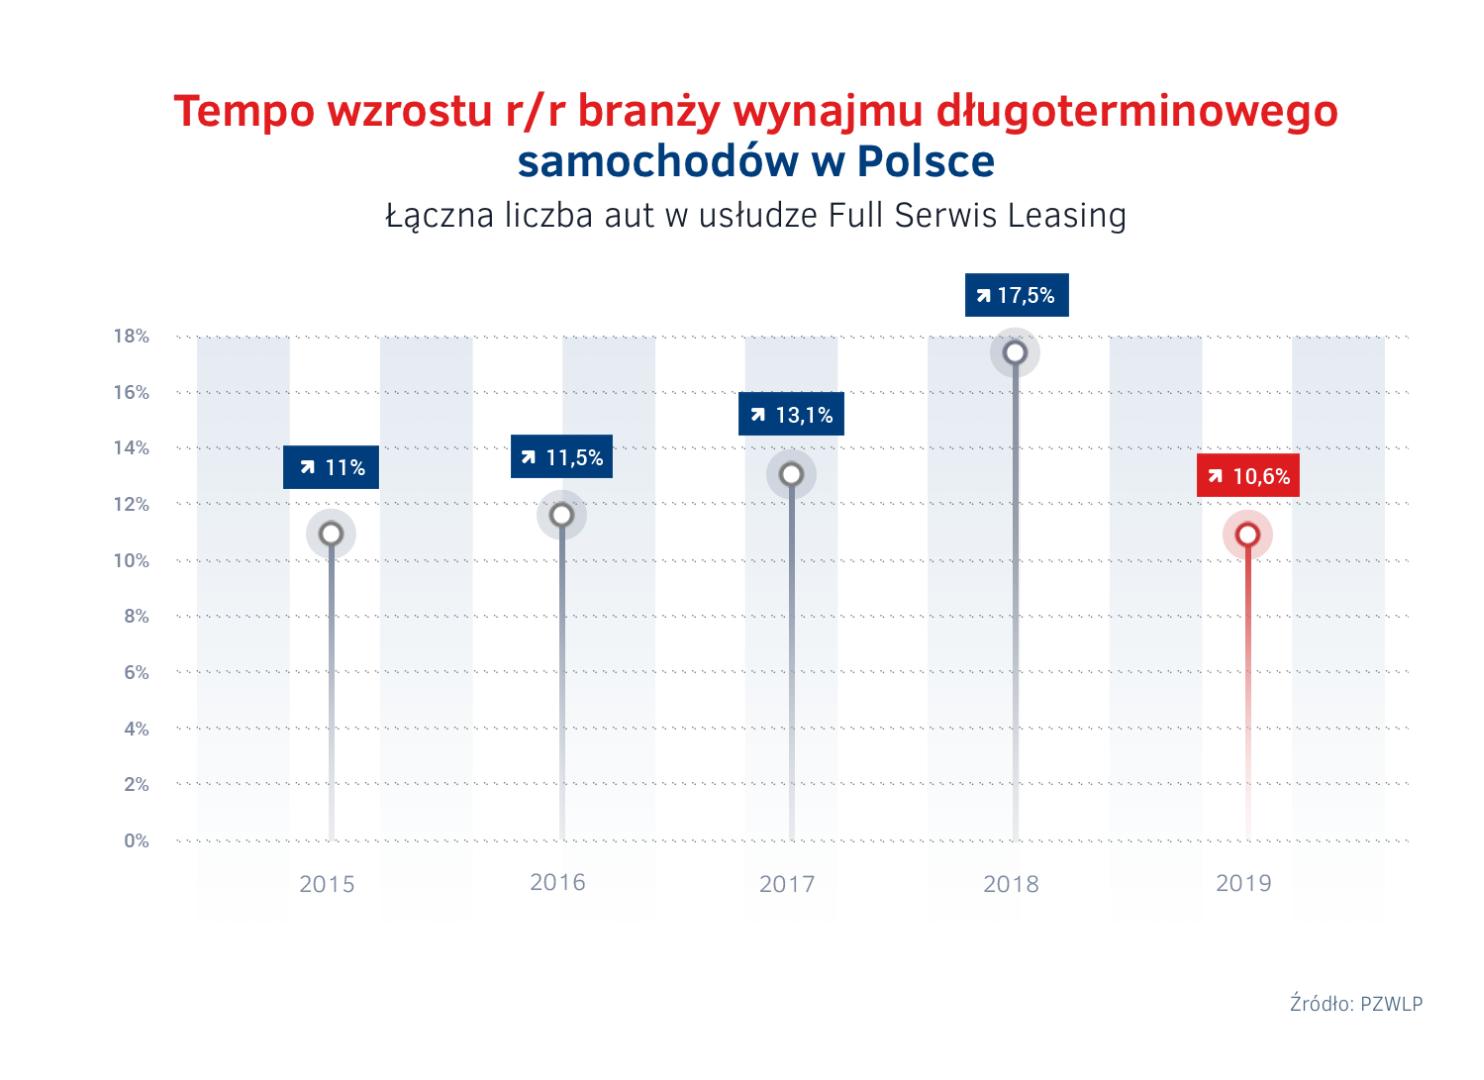 Tempo wzrostu branży wynajmu długoterminowego samochodów w Polsce